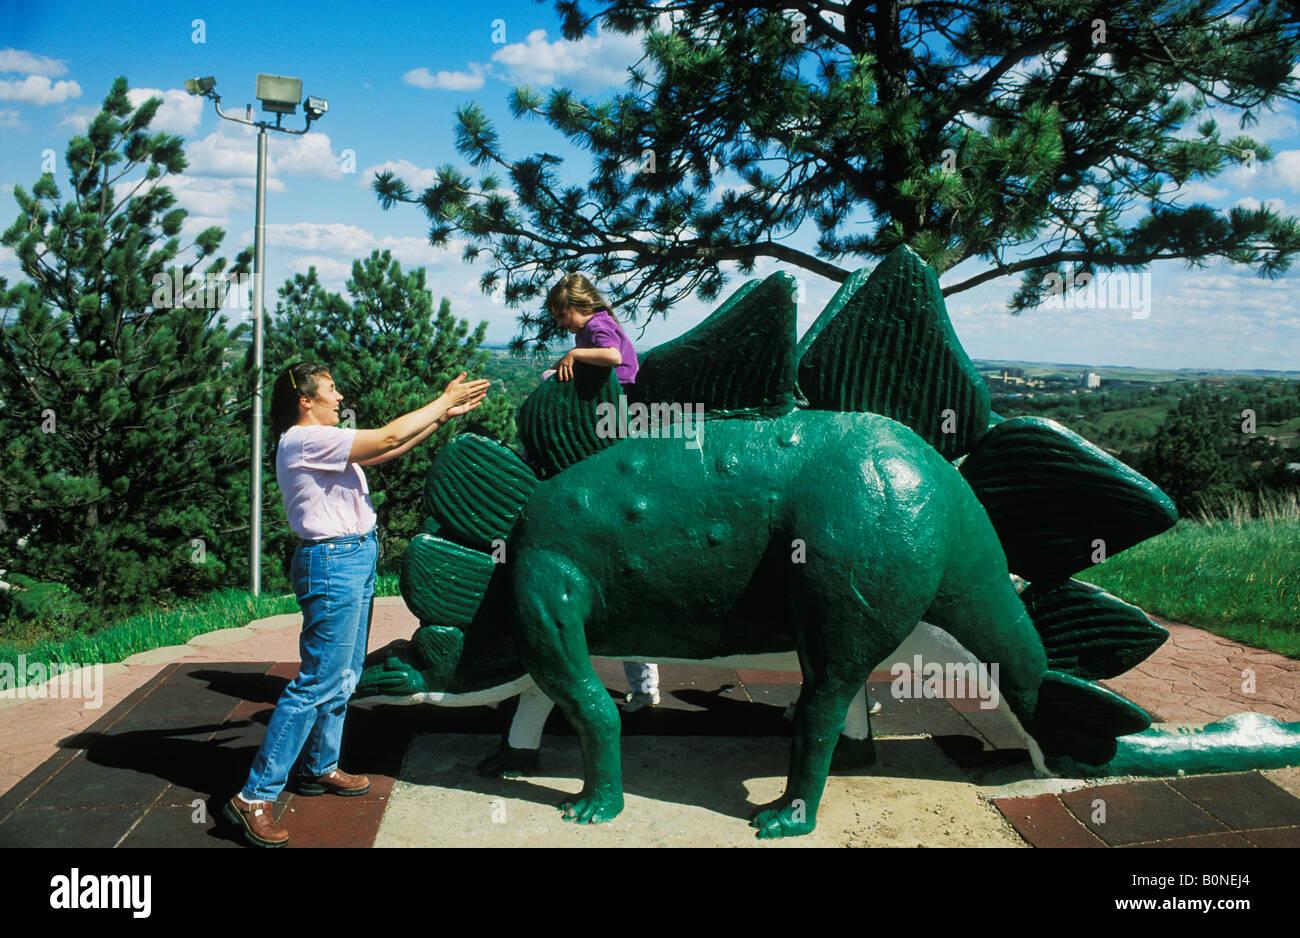 La madre y el niño que está jugando en el parque de dinosaurios en Rapid City South Dakota Foto de stock